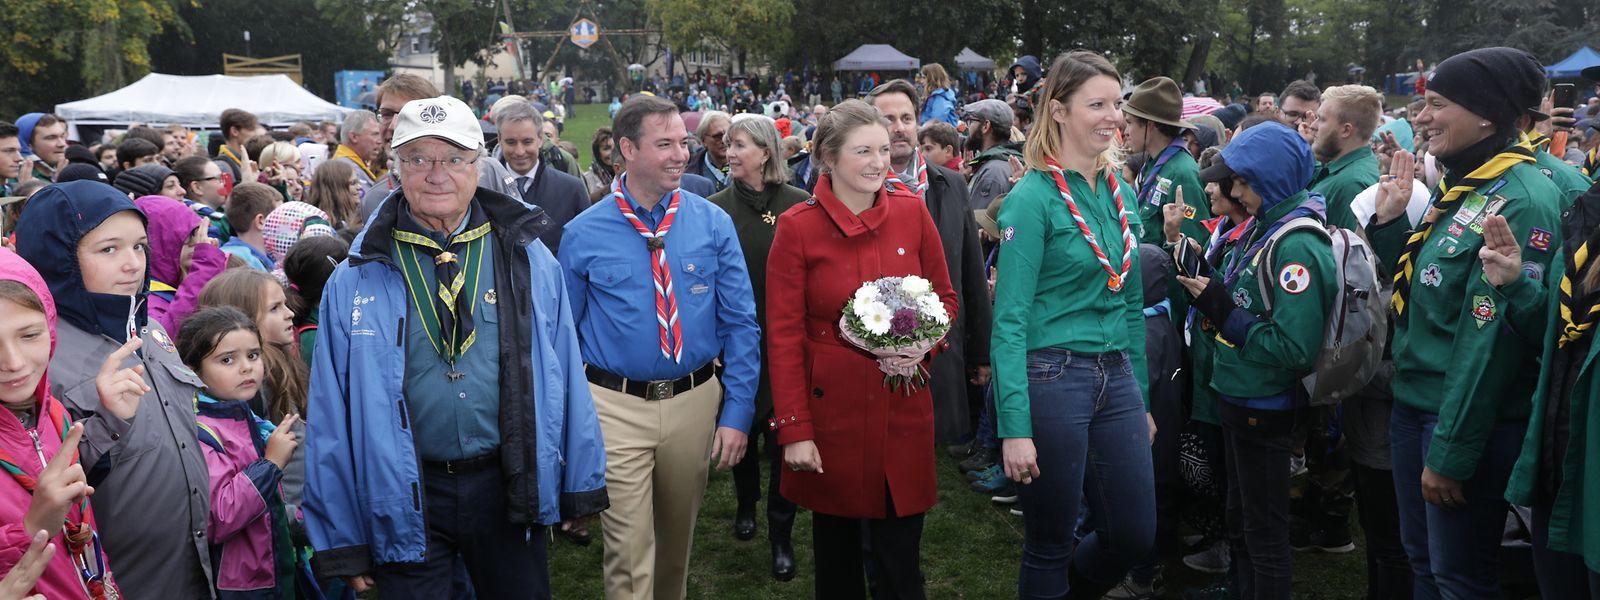 Erbgroßherzog Guillaume und Erbgroßherzogin Stéphanie am Freitag auf der Kinnekswiss. Auch der schwedische König Carl Gustaf, Ehrenvorsitzender der Fondation mondiale du Scoutisme, marschierte mit zur Ernennung.